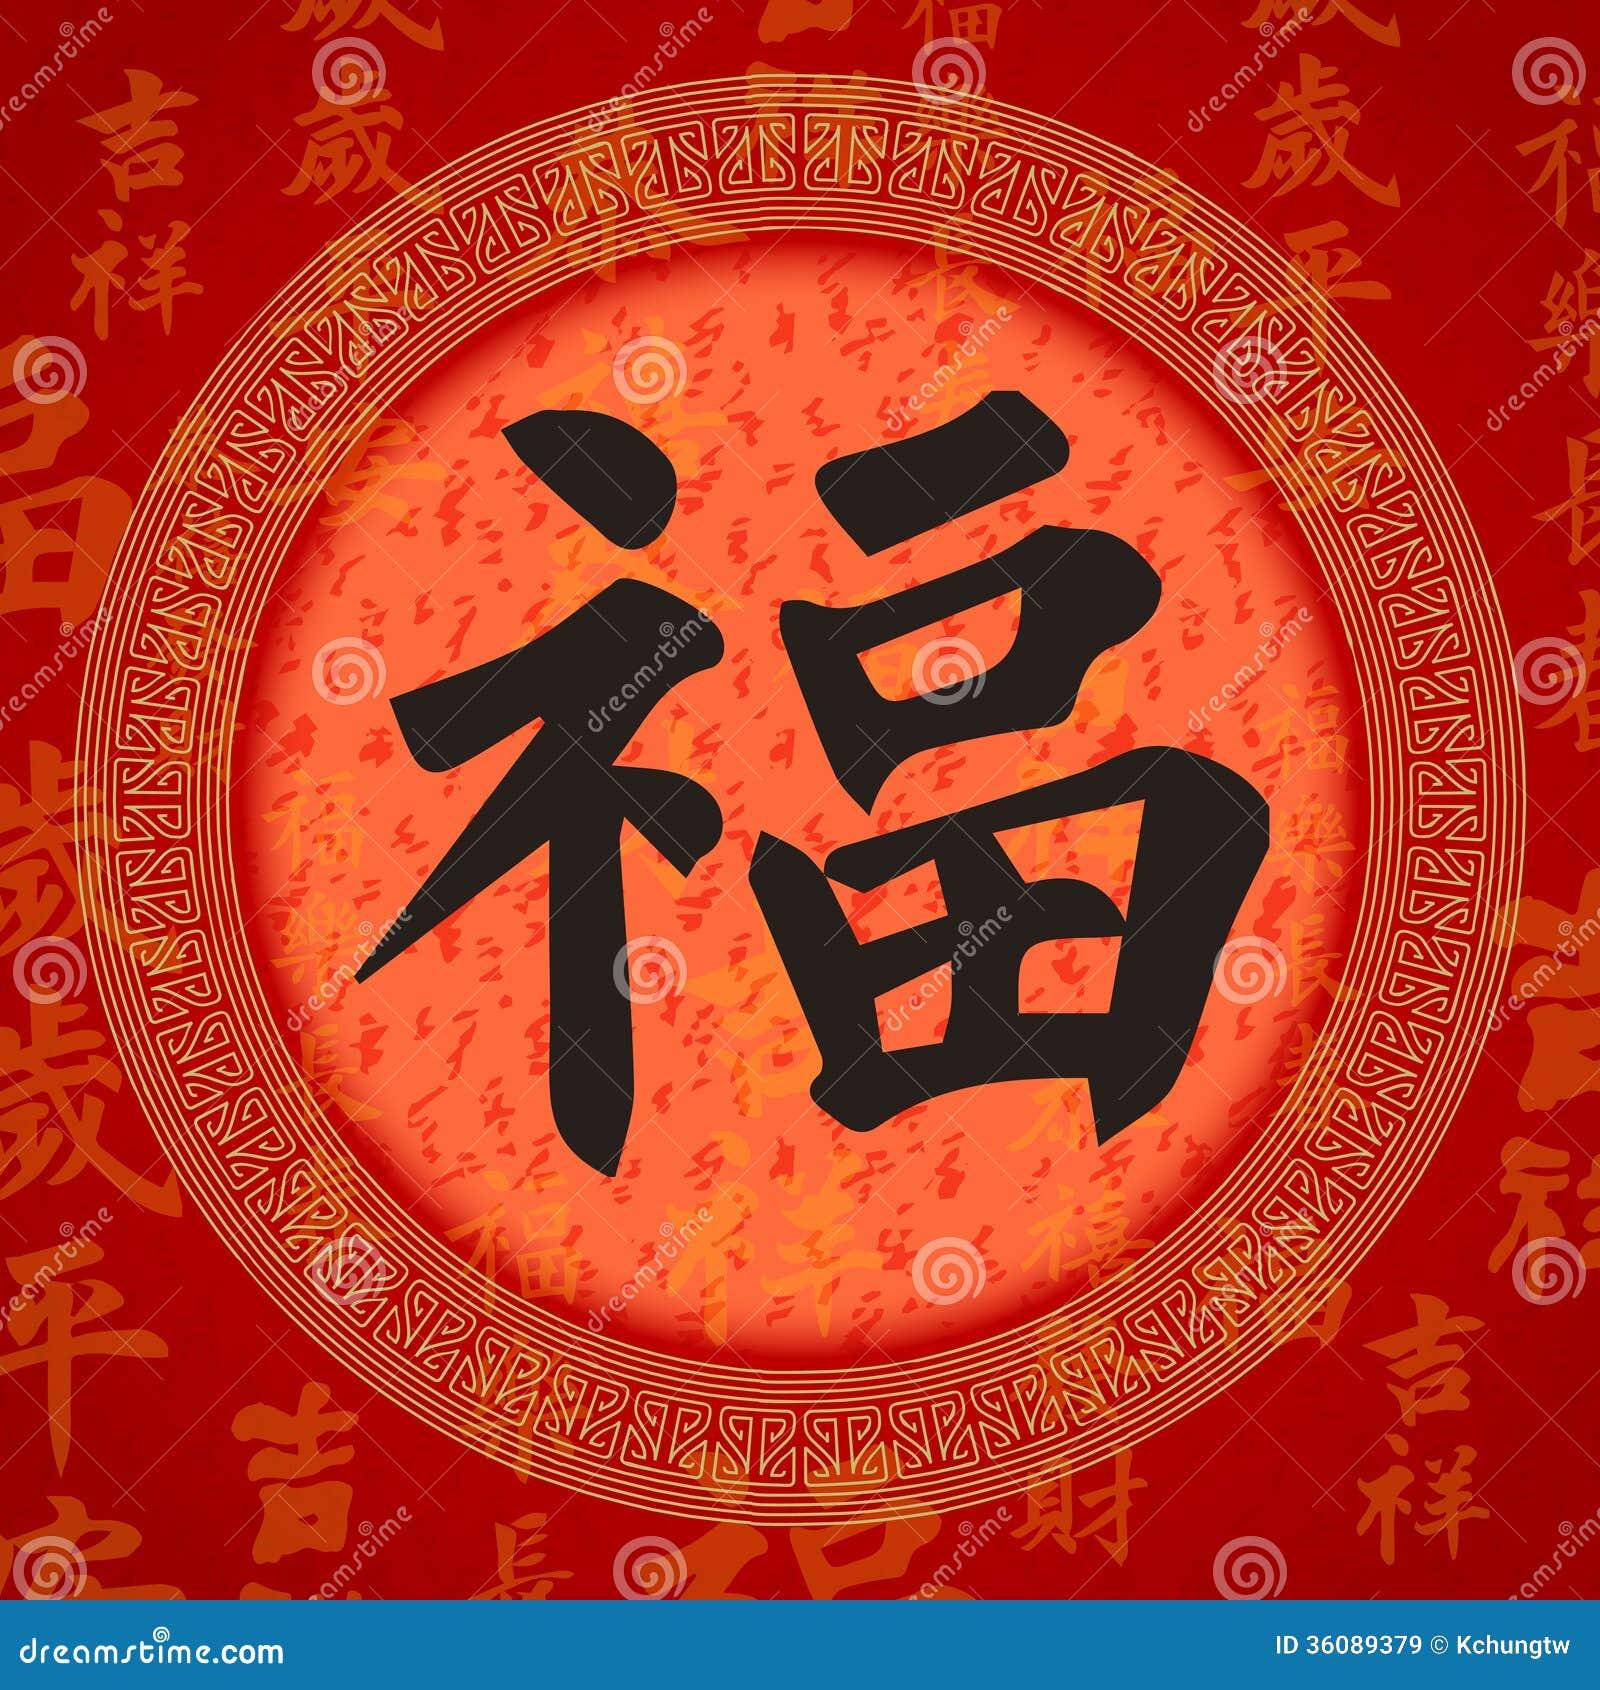 kalligraphie chinesische gutes gl ck symbole lizenzfreie. Black Bedroom Furniture Sets. Home Design Ideas